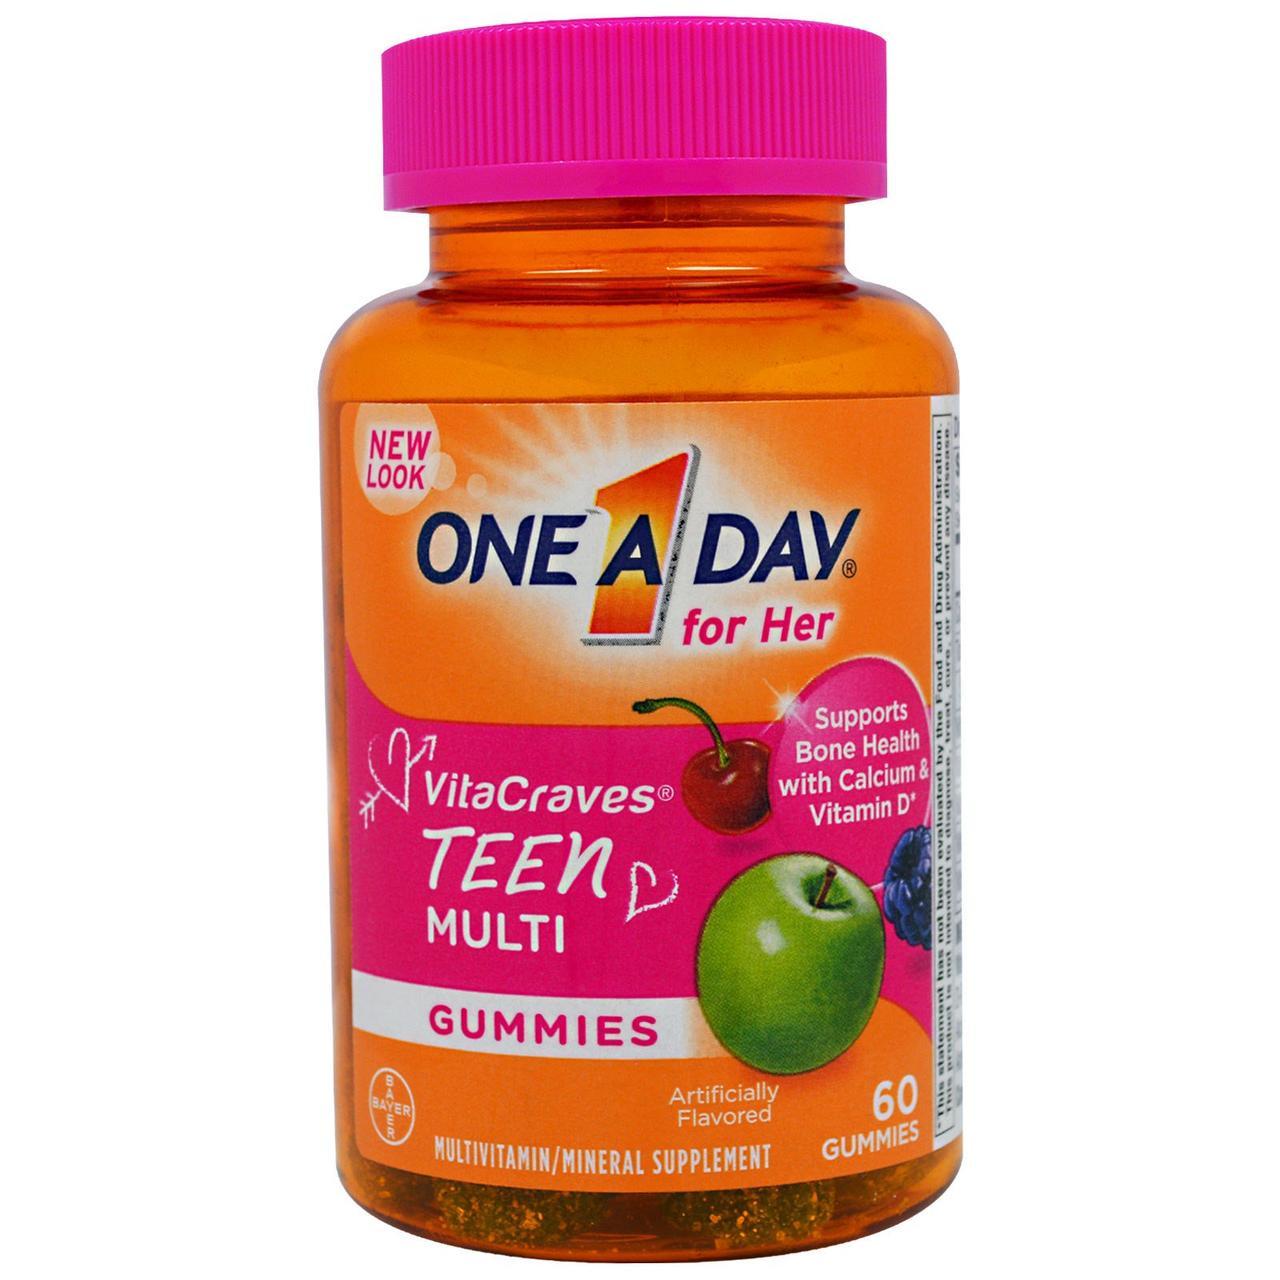 Ежедневный мультивитаминный комплекс One-A-Day, для девочек-тинэйджеров, 60 жевательных пастилок